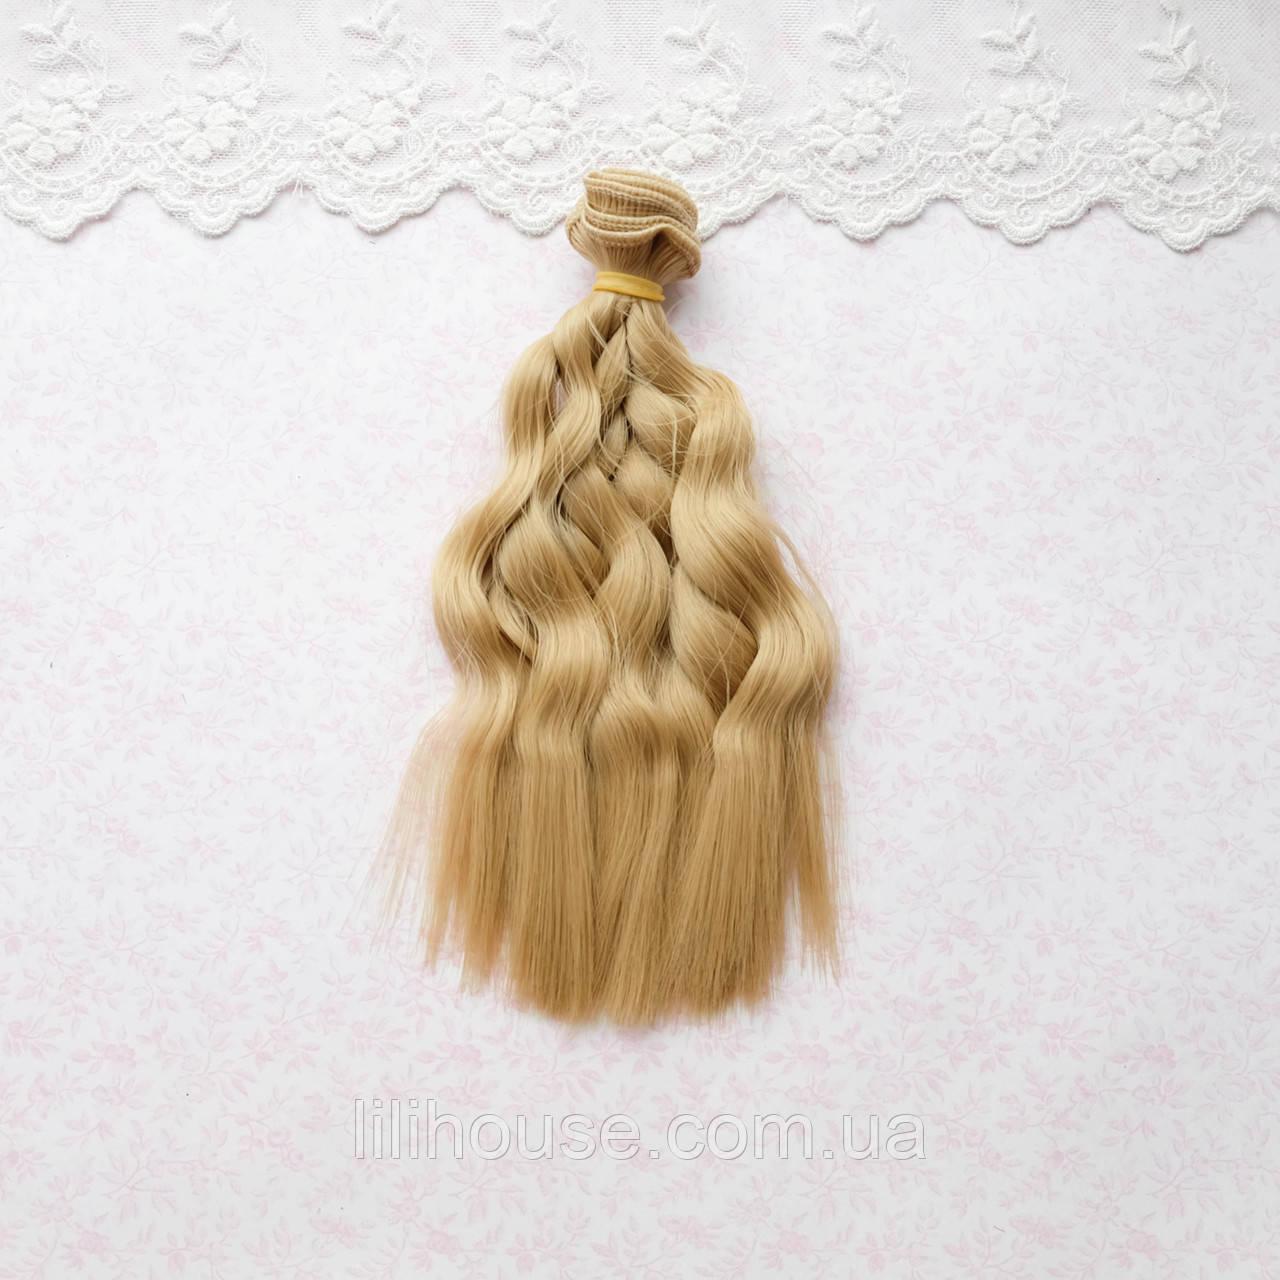 Волосы для кукол в трессах легкие кудри косичка, светло-русые - 15 см